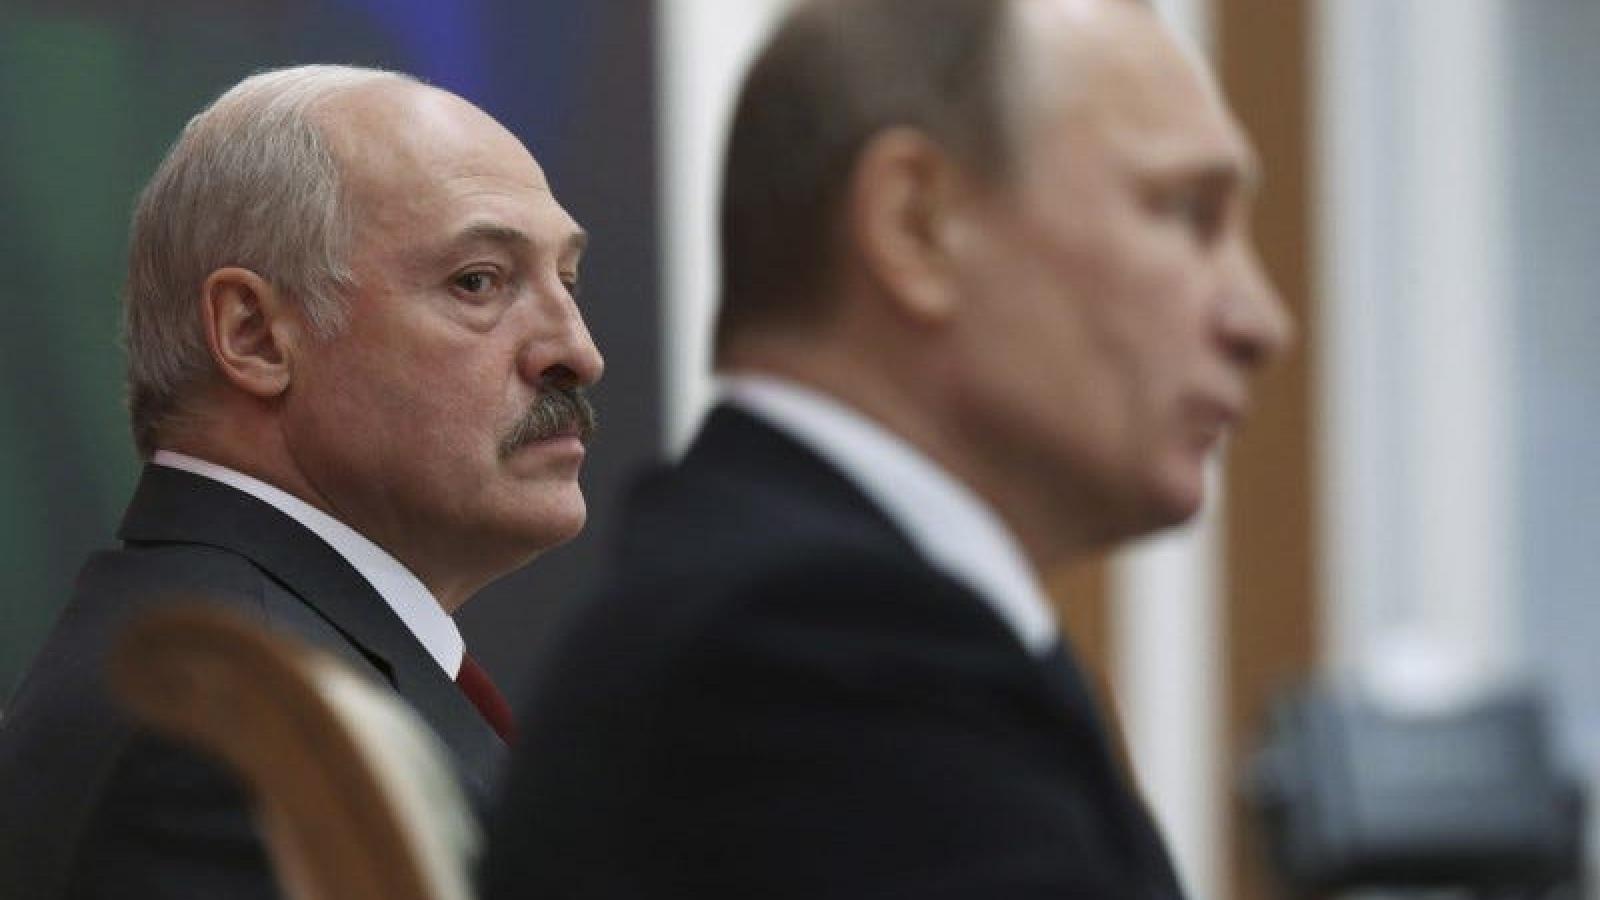 Căng thẳng Nga-Belarus: Phép thử quan hệ đồng minh trước sóng gió